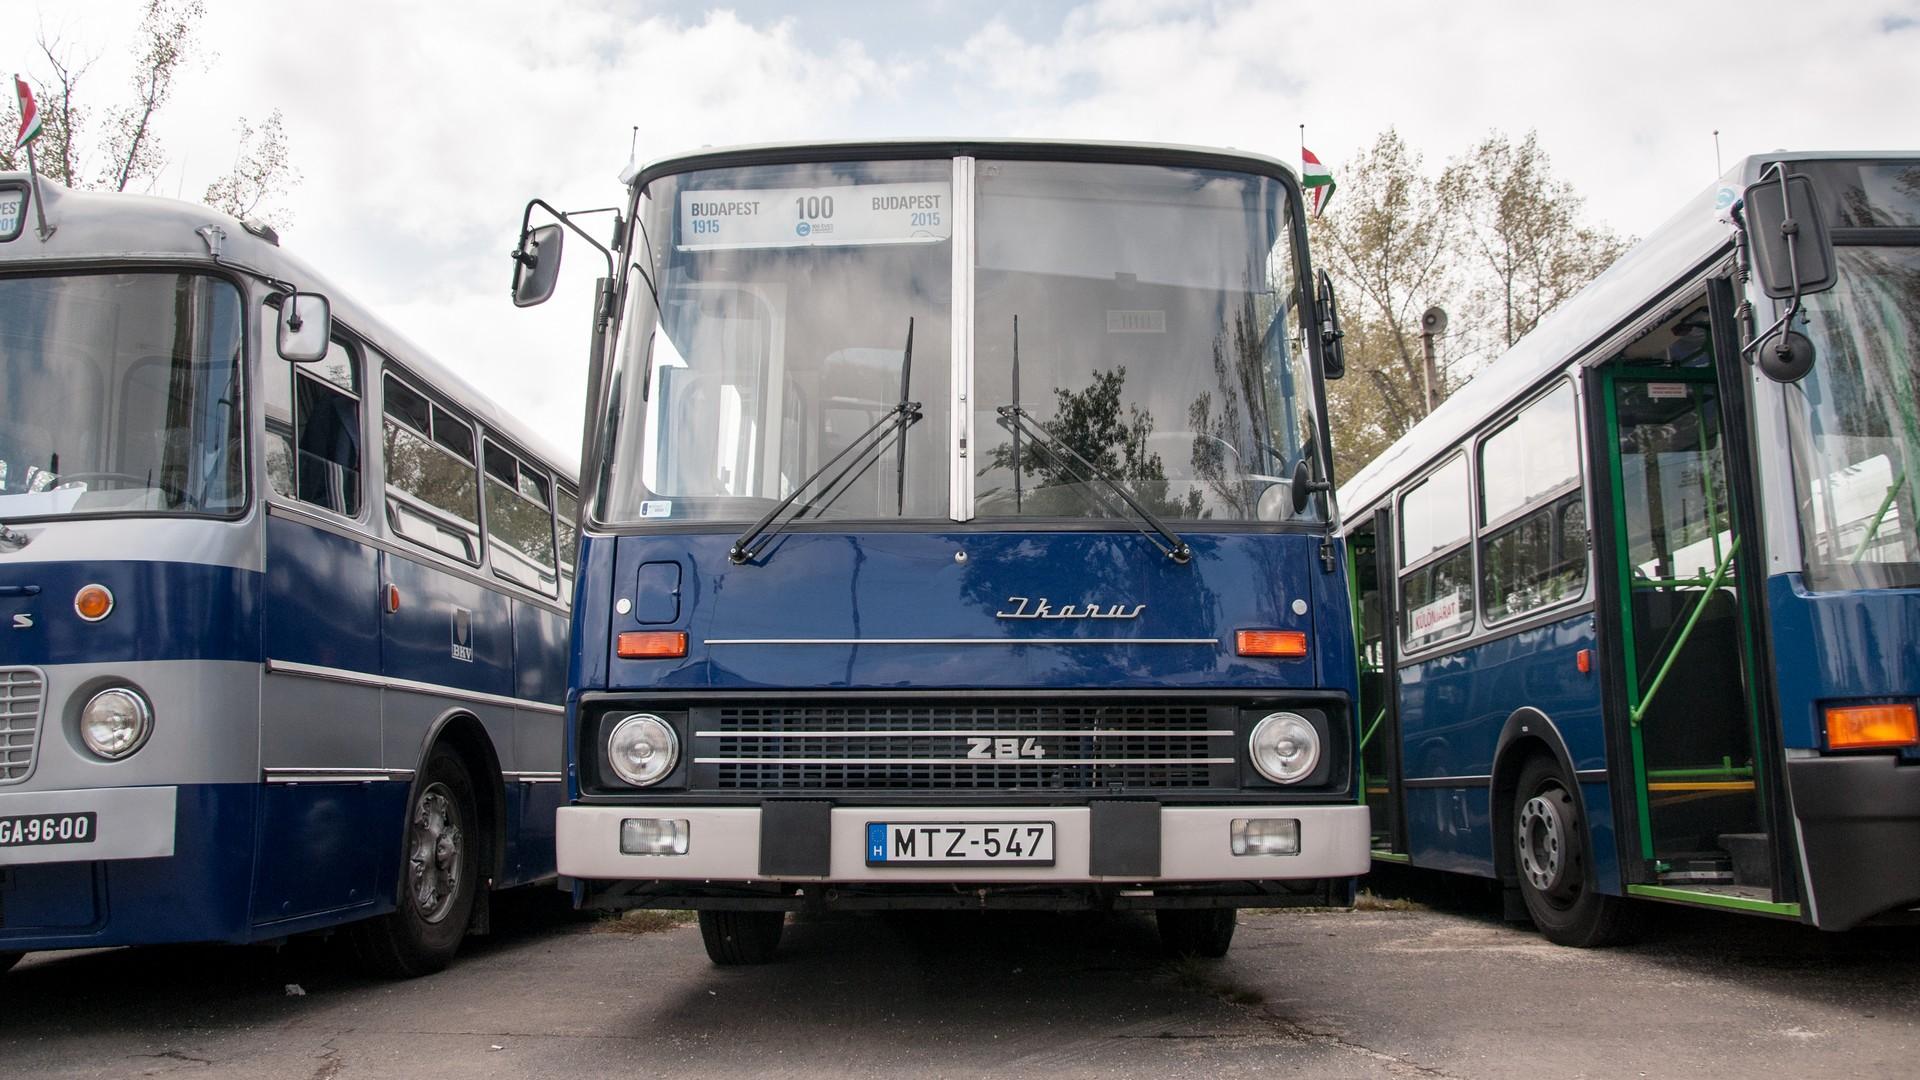 Ikarus 284